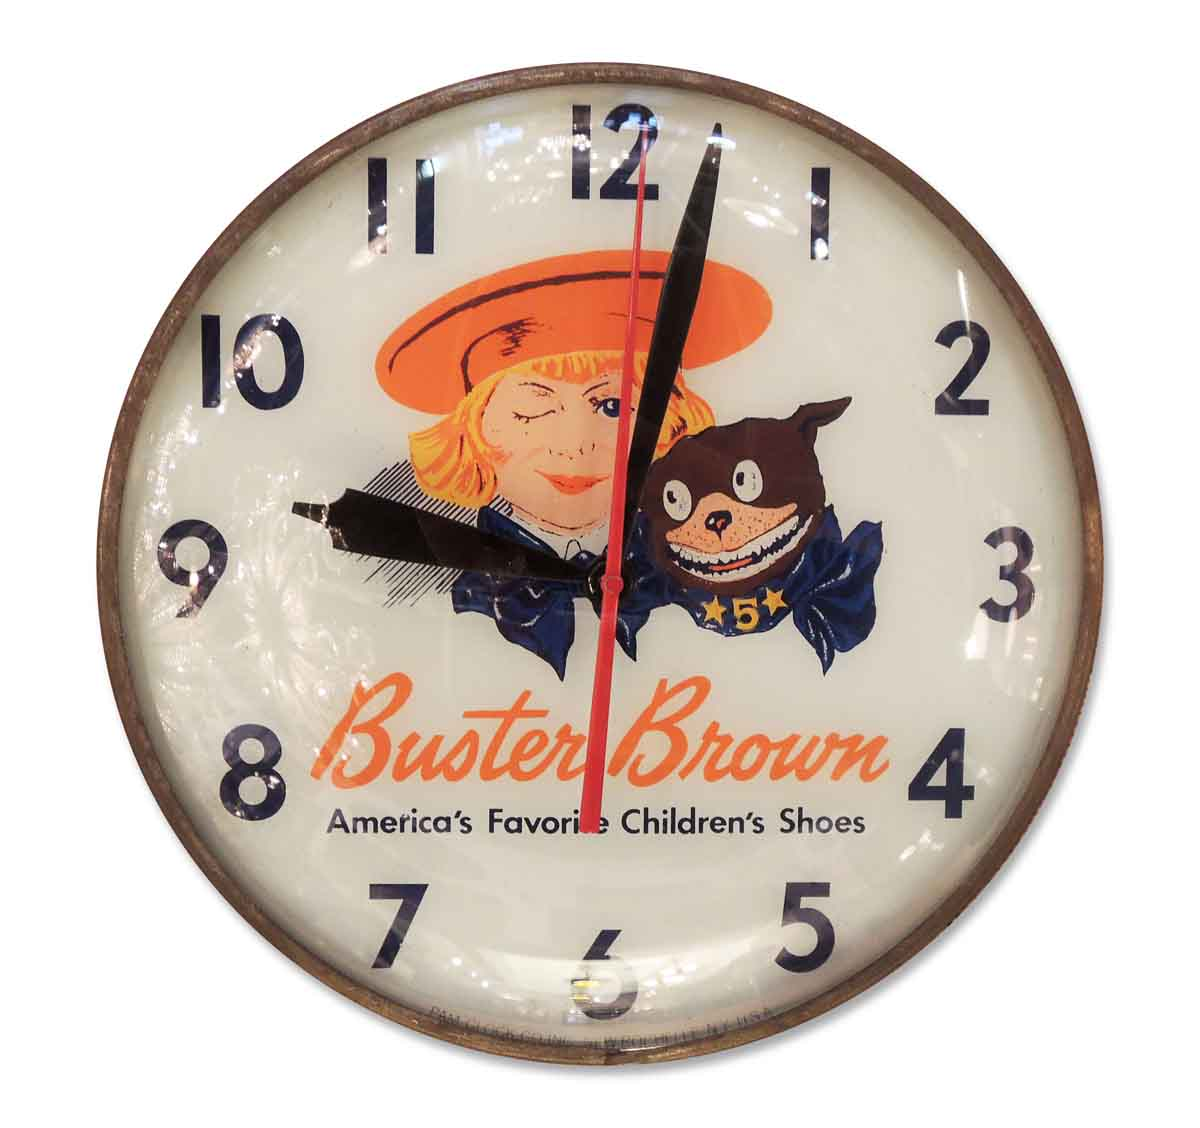 Vintage Buster Brown 44